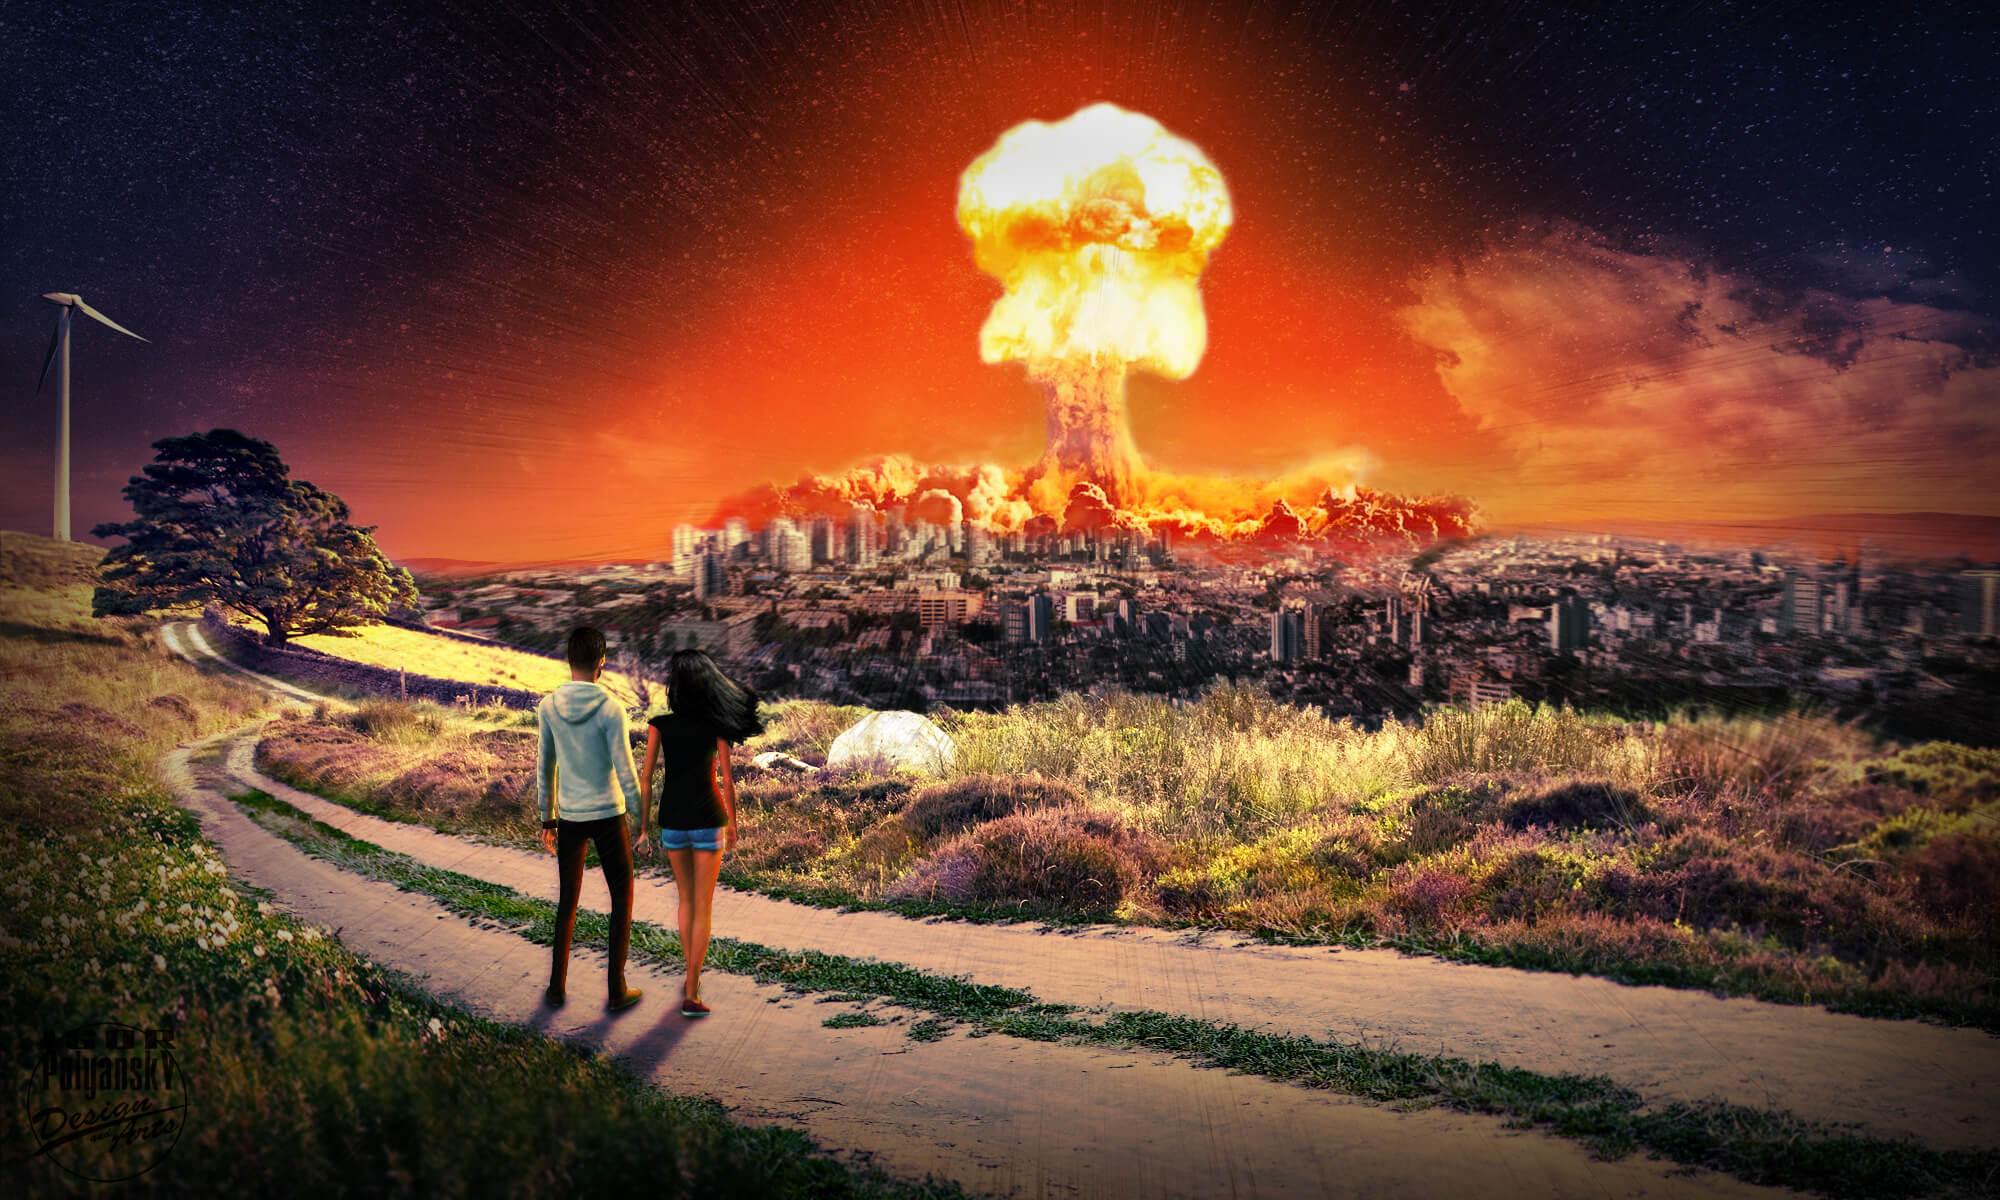 Жителя сша заподозрили в разработке ядерного реактора в гараже своего дома - hi-news.ru